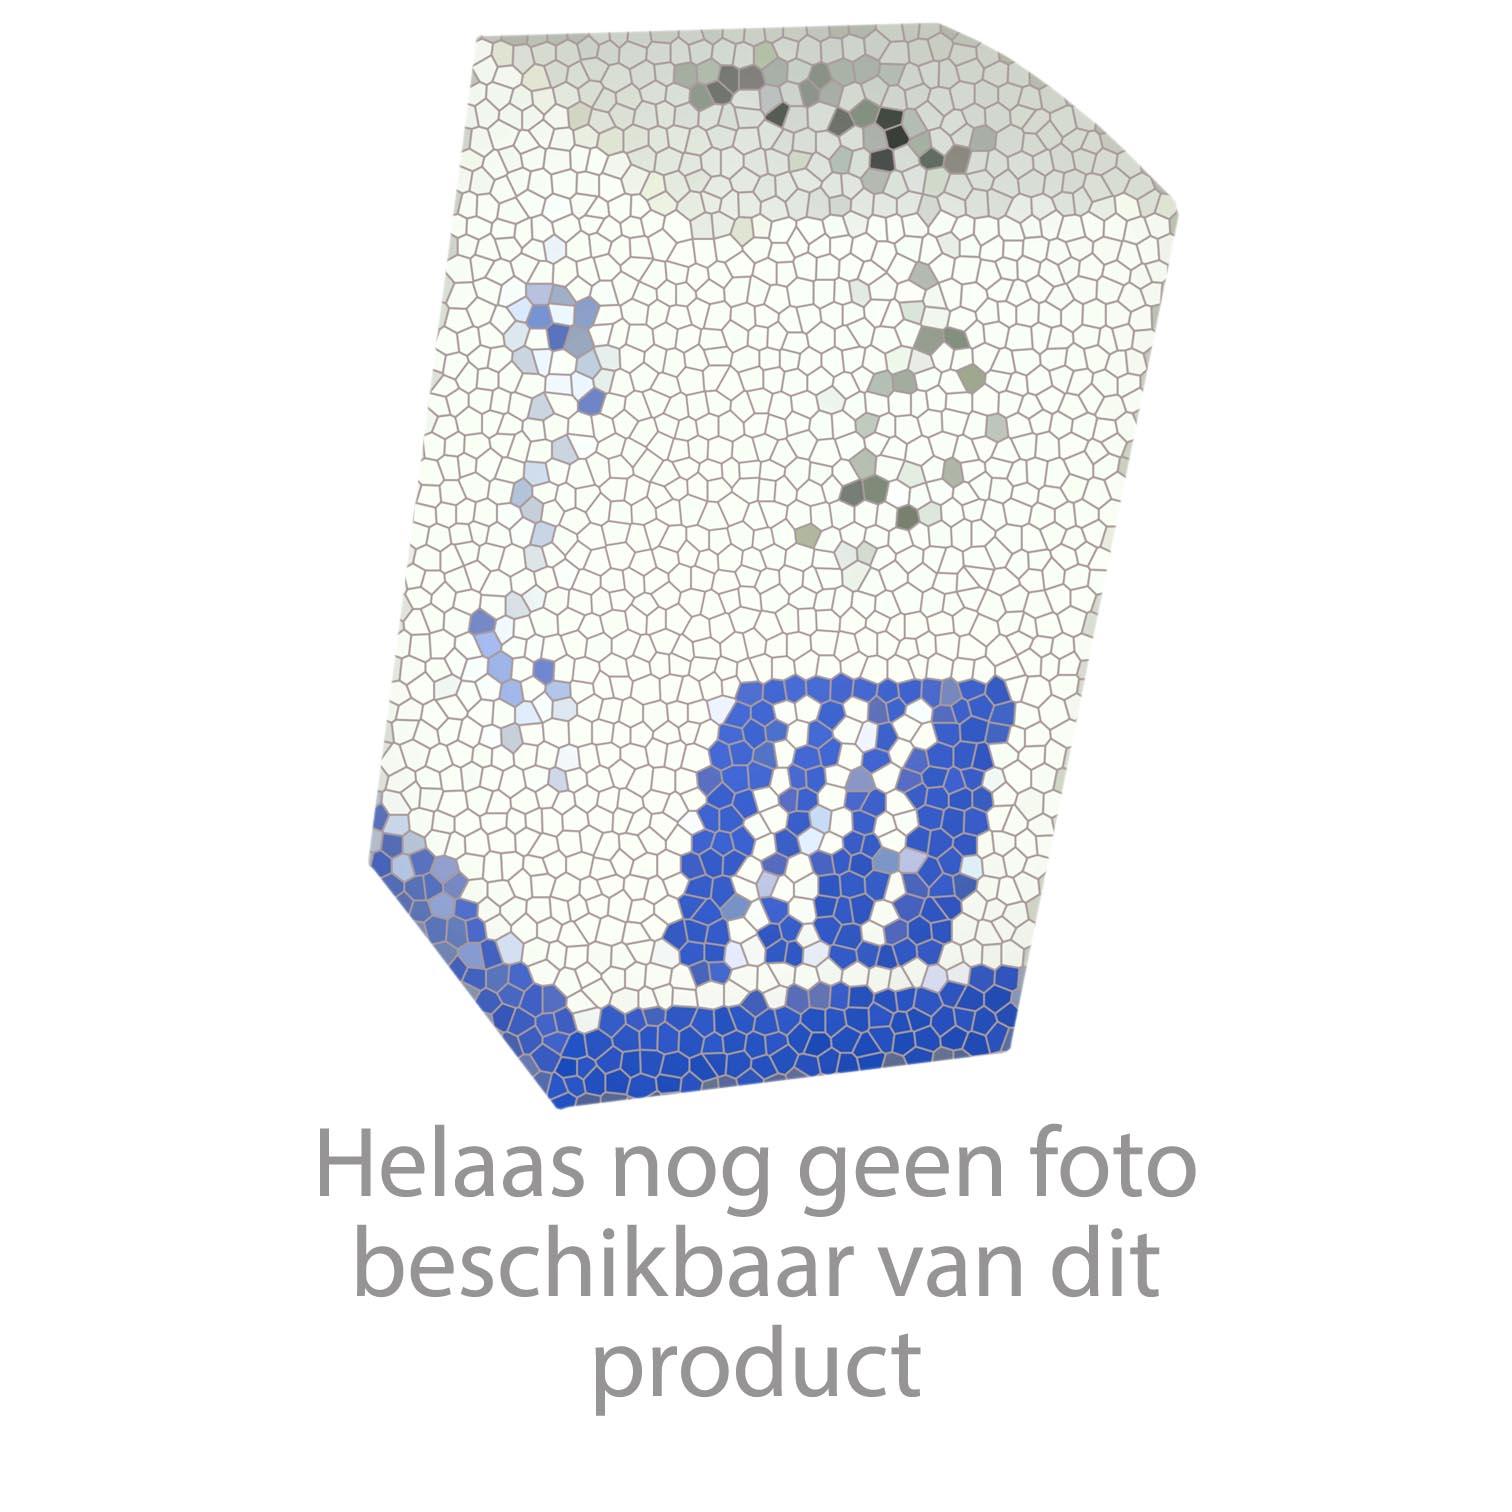 Vola Inbouwthermostaatkraan met 3-wegomstel, handdouche, regendouche en 4 zijsprays. Chroom